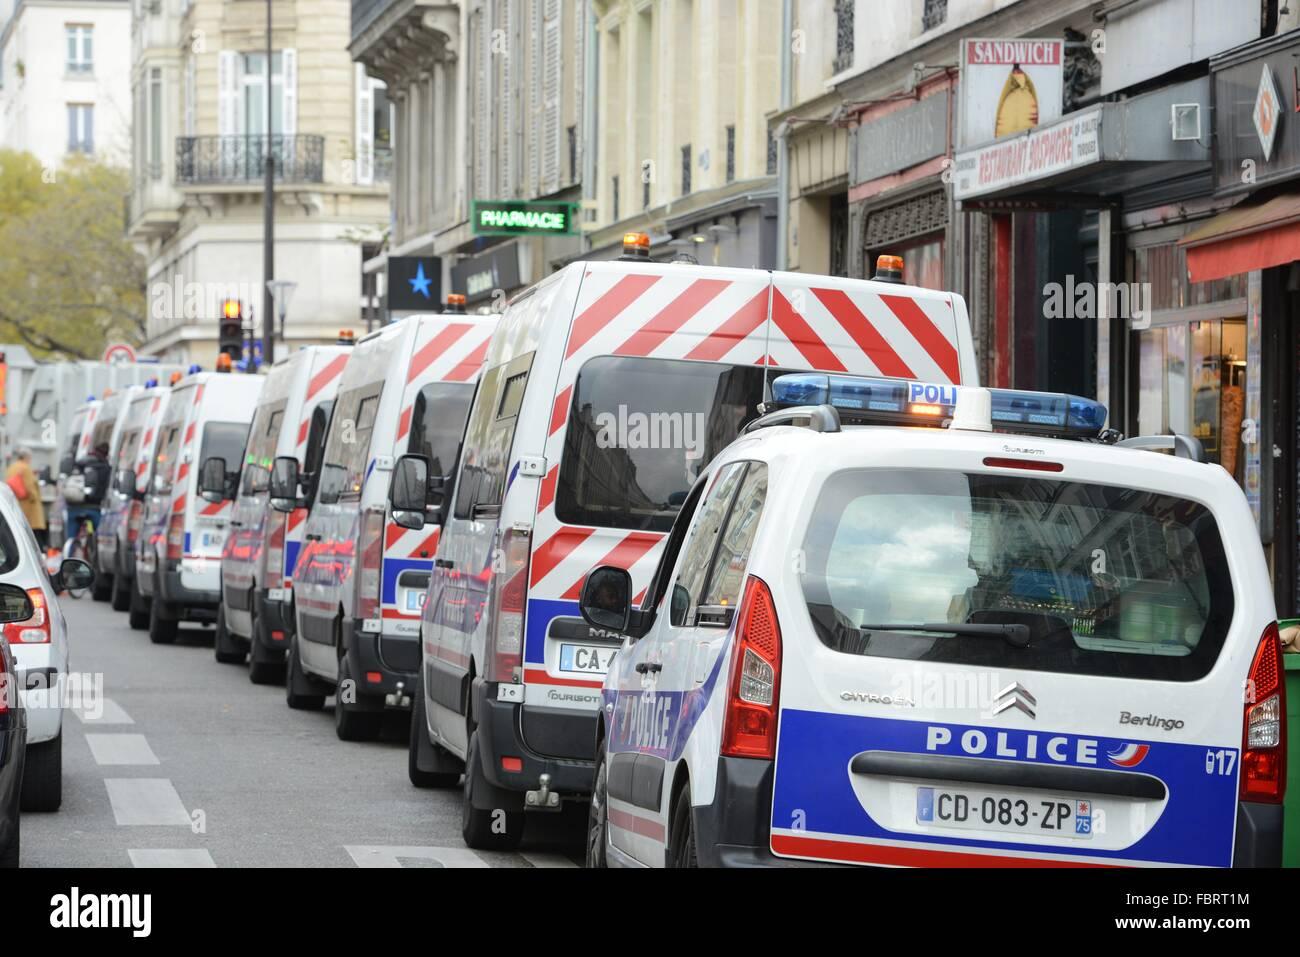 Polizei-Autos in der Nähe von Konzerthauses Bataclan in Paris, Dec.12, 2015. Stockbild